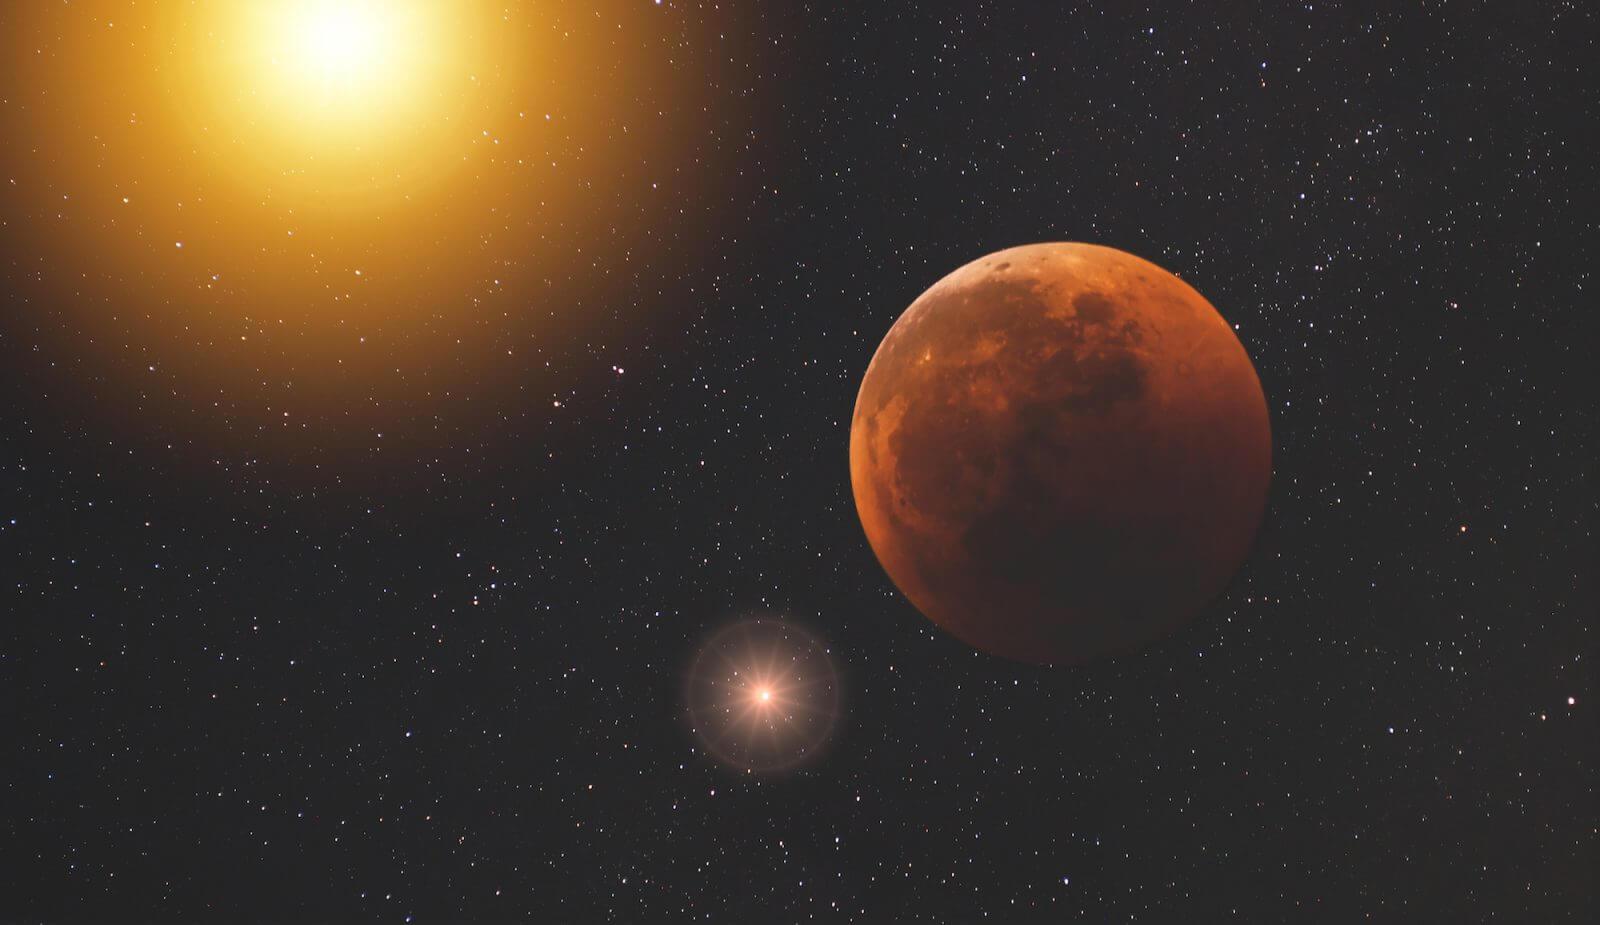 predicción conjunción astrológica